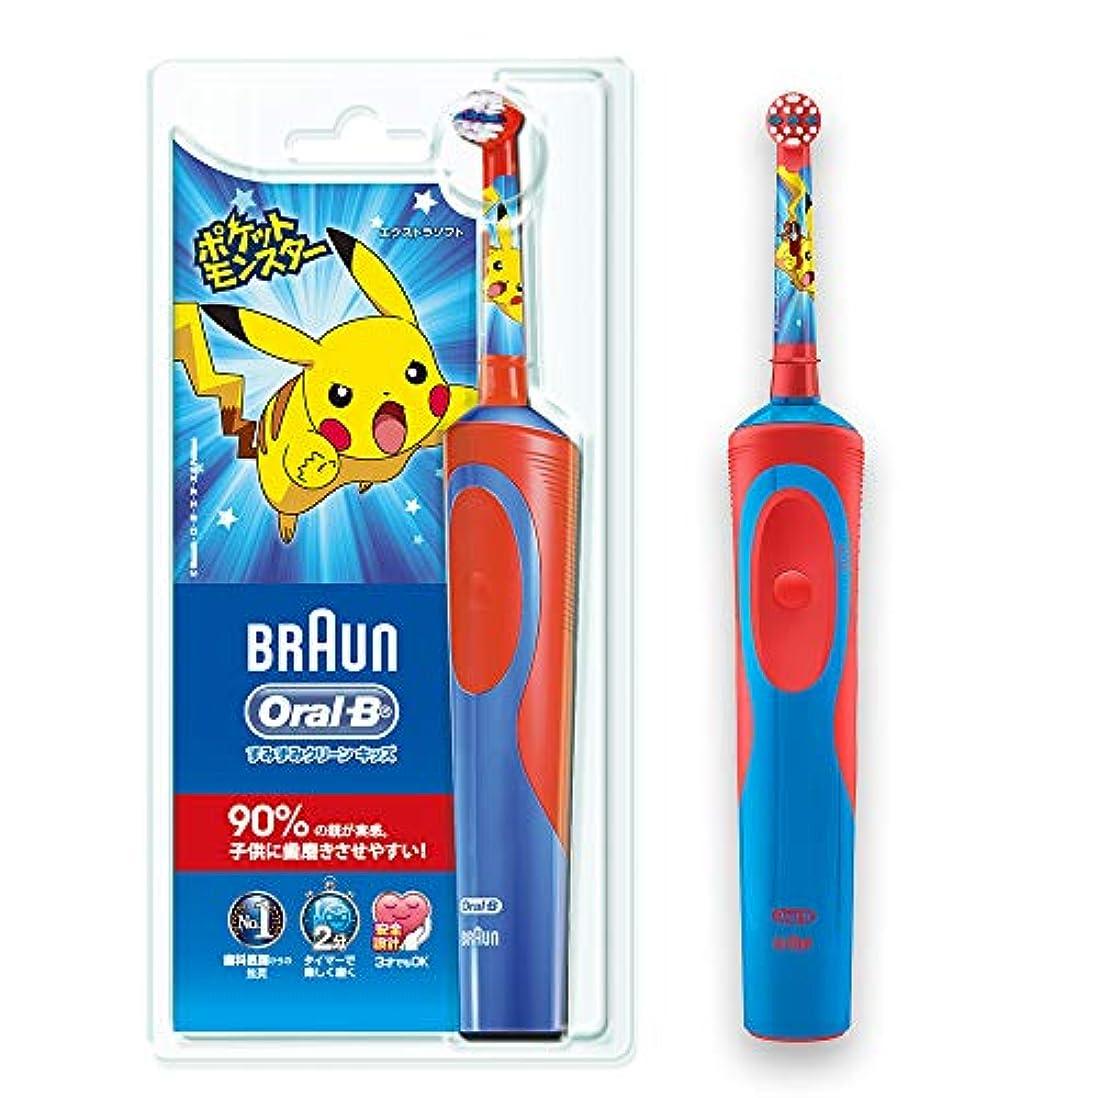 個人的にスパークミスペンドブラウン オーラルB 電動歯ブラシ 子供用 D12513KPKMB すみずみクリーンキッズ 本体 レッド ポケモン 歯ブラシ